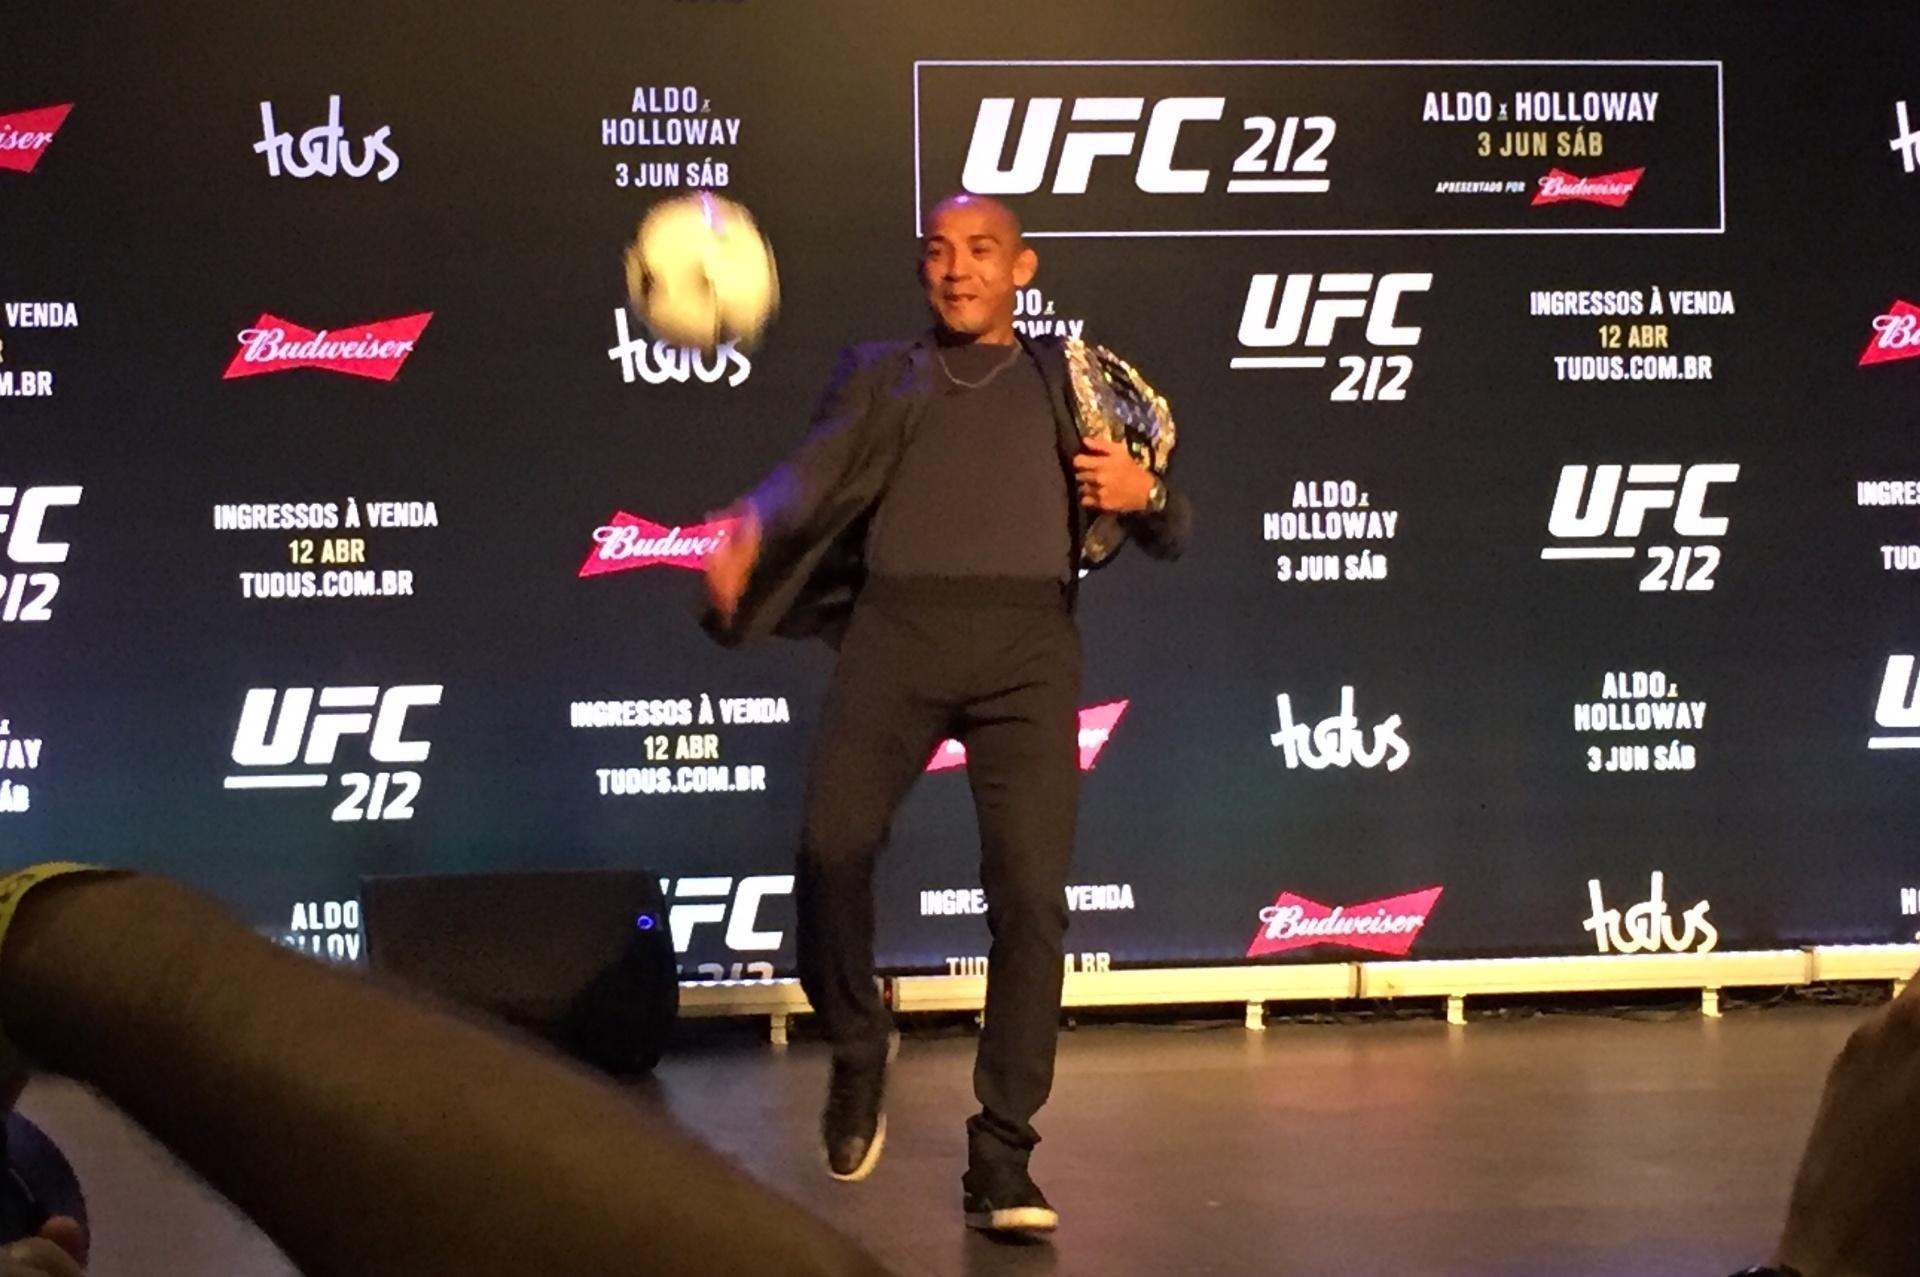 José Aldo bate bola durante coletiva do UFC 212